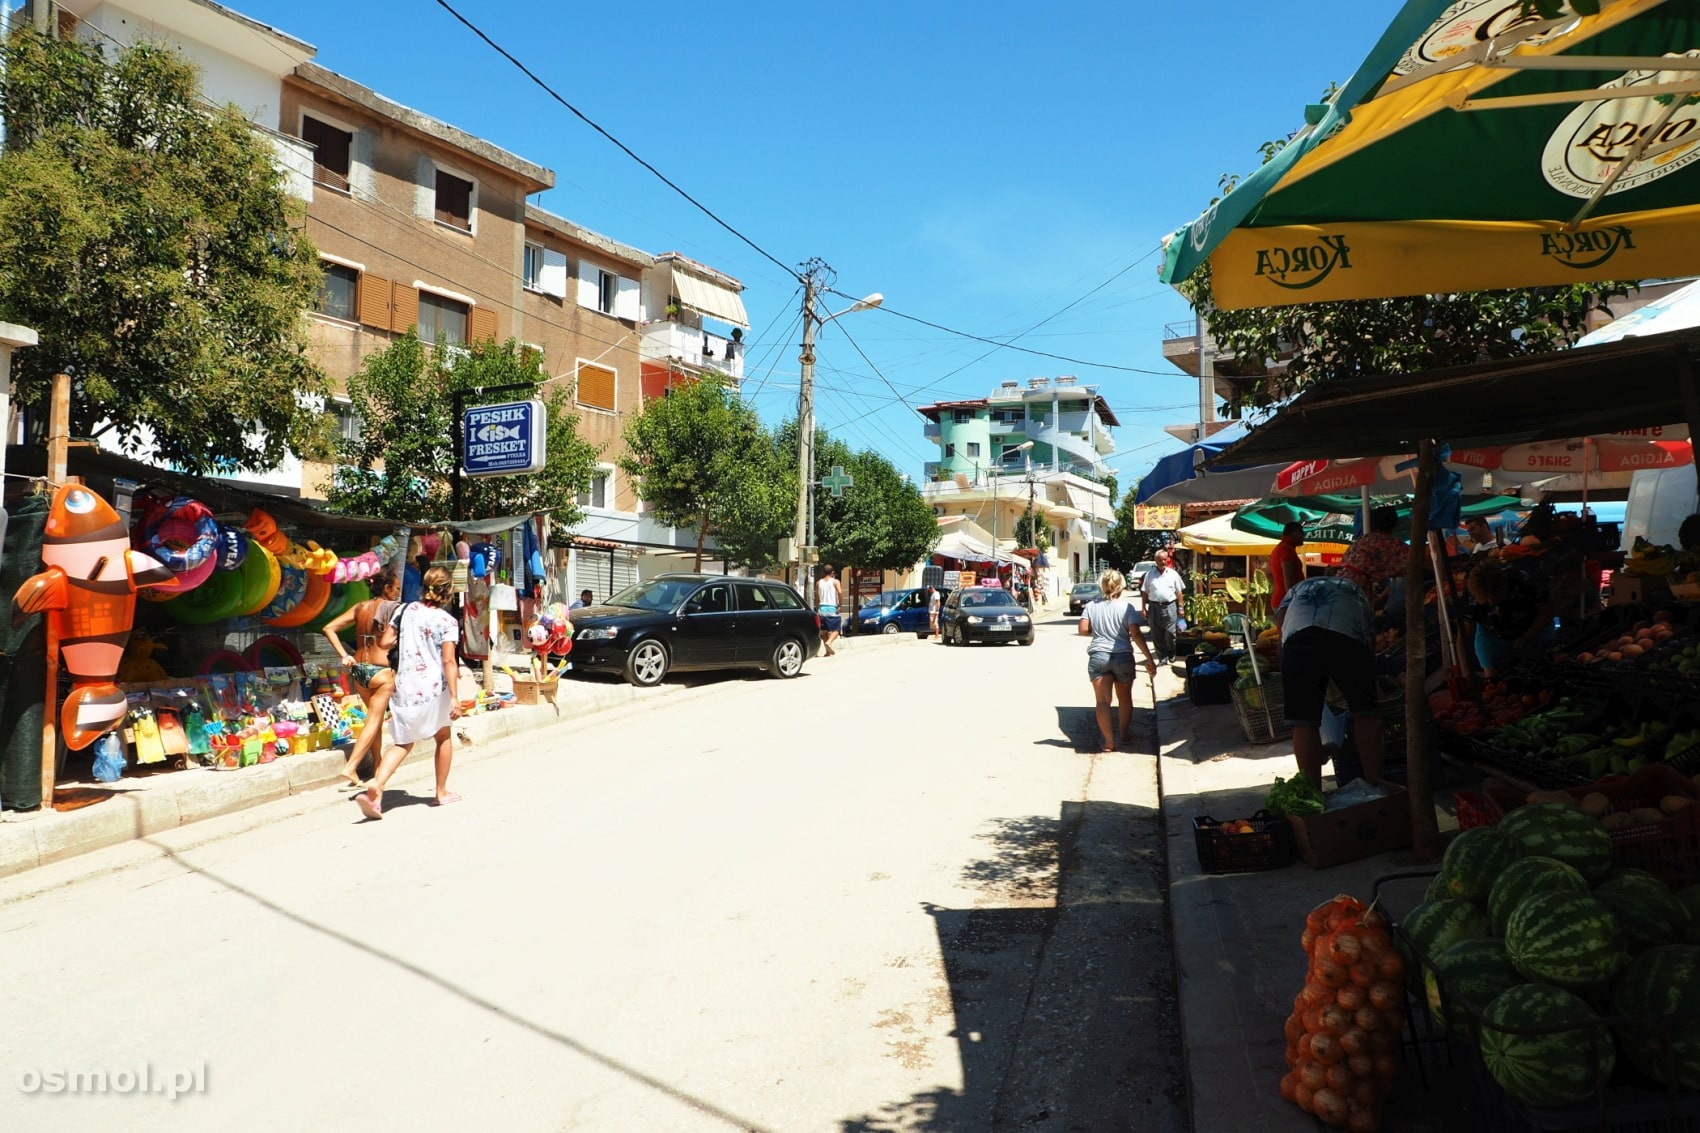 Jedna z ulic w Ksamilu. Znajdziemy tu wszystko, co turyście do szczęścia potrzeba. Od straganów z owocami, barów, restauracji, po stragany z rzeczami do plażowania.